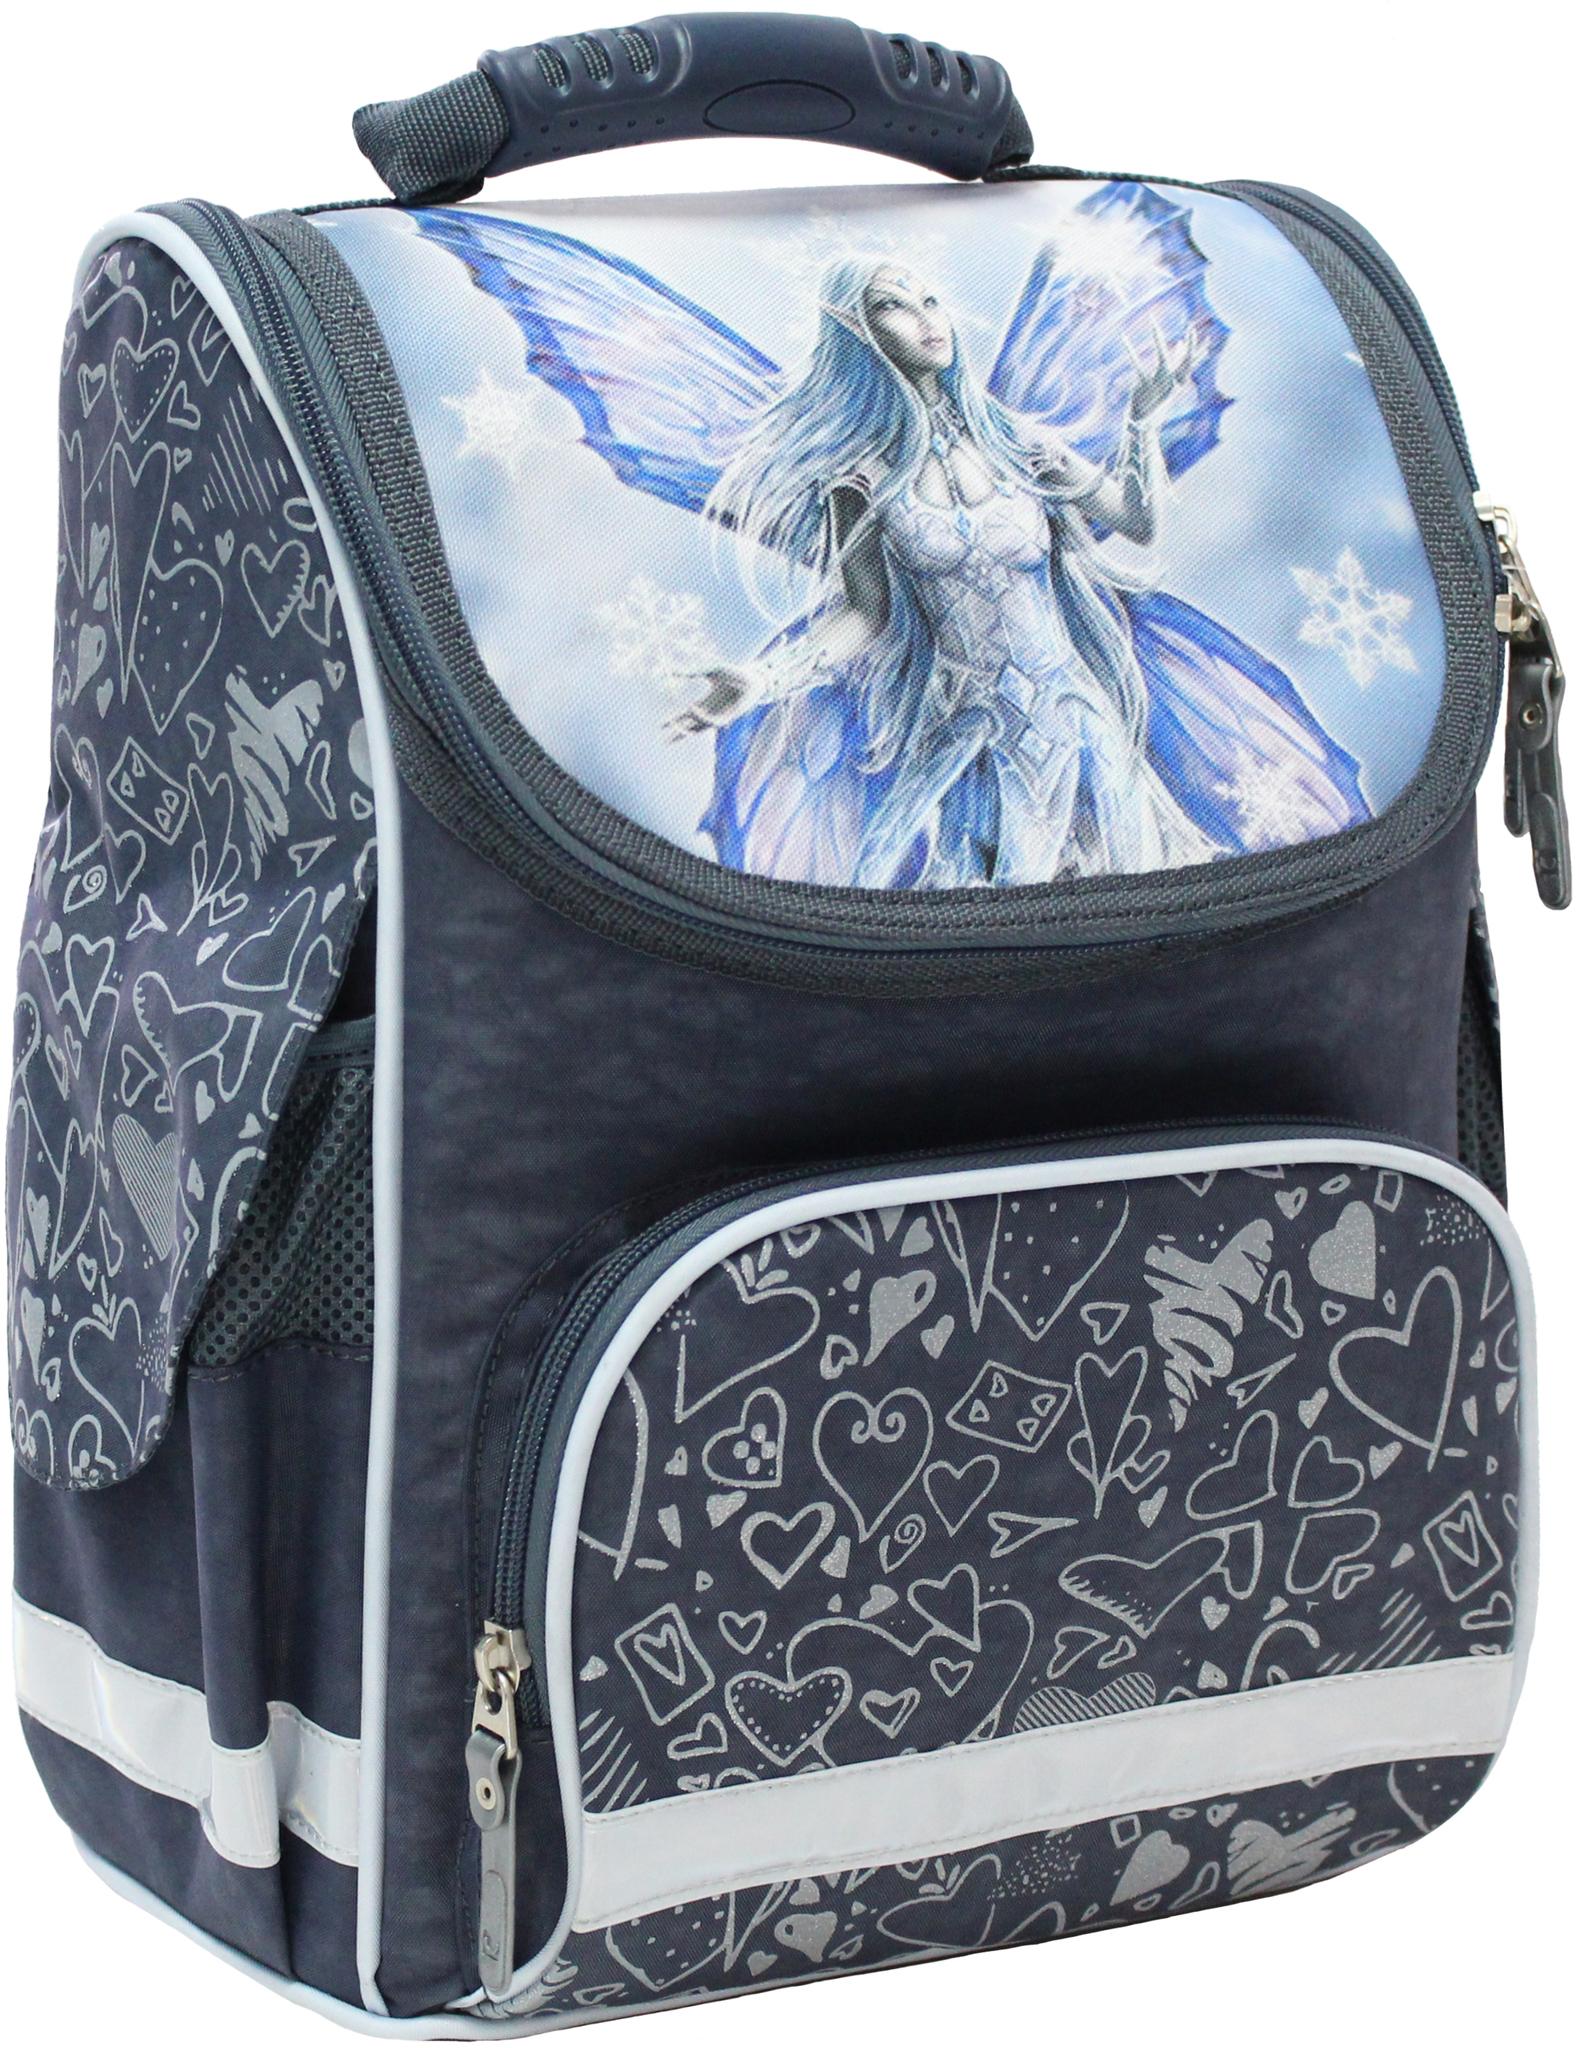 Школьные рюкзаки Рюкзак школьный каркасный Bagland Успех 12 л. 321 сірий 94 д (00551702) IMG_4729.JPG